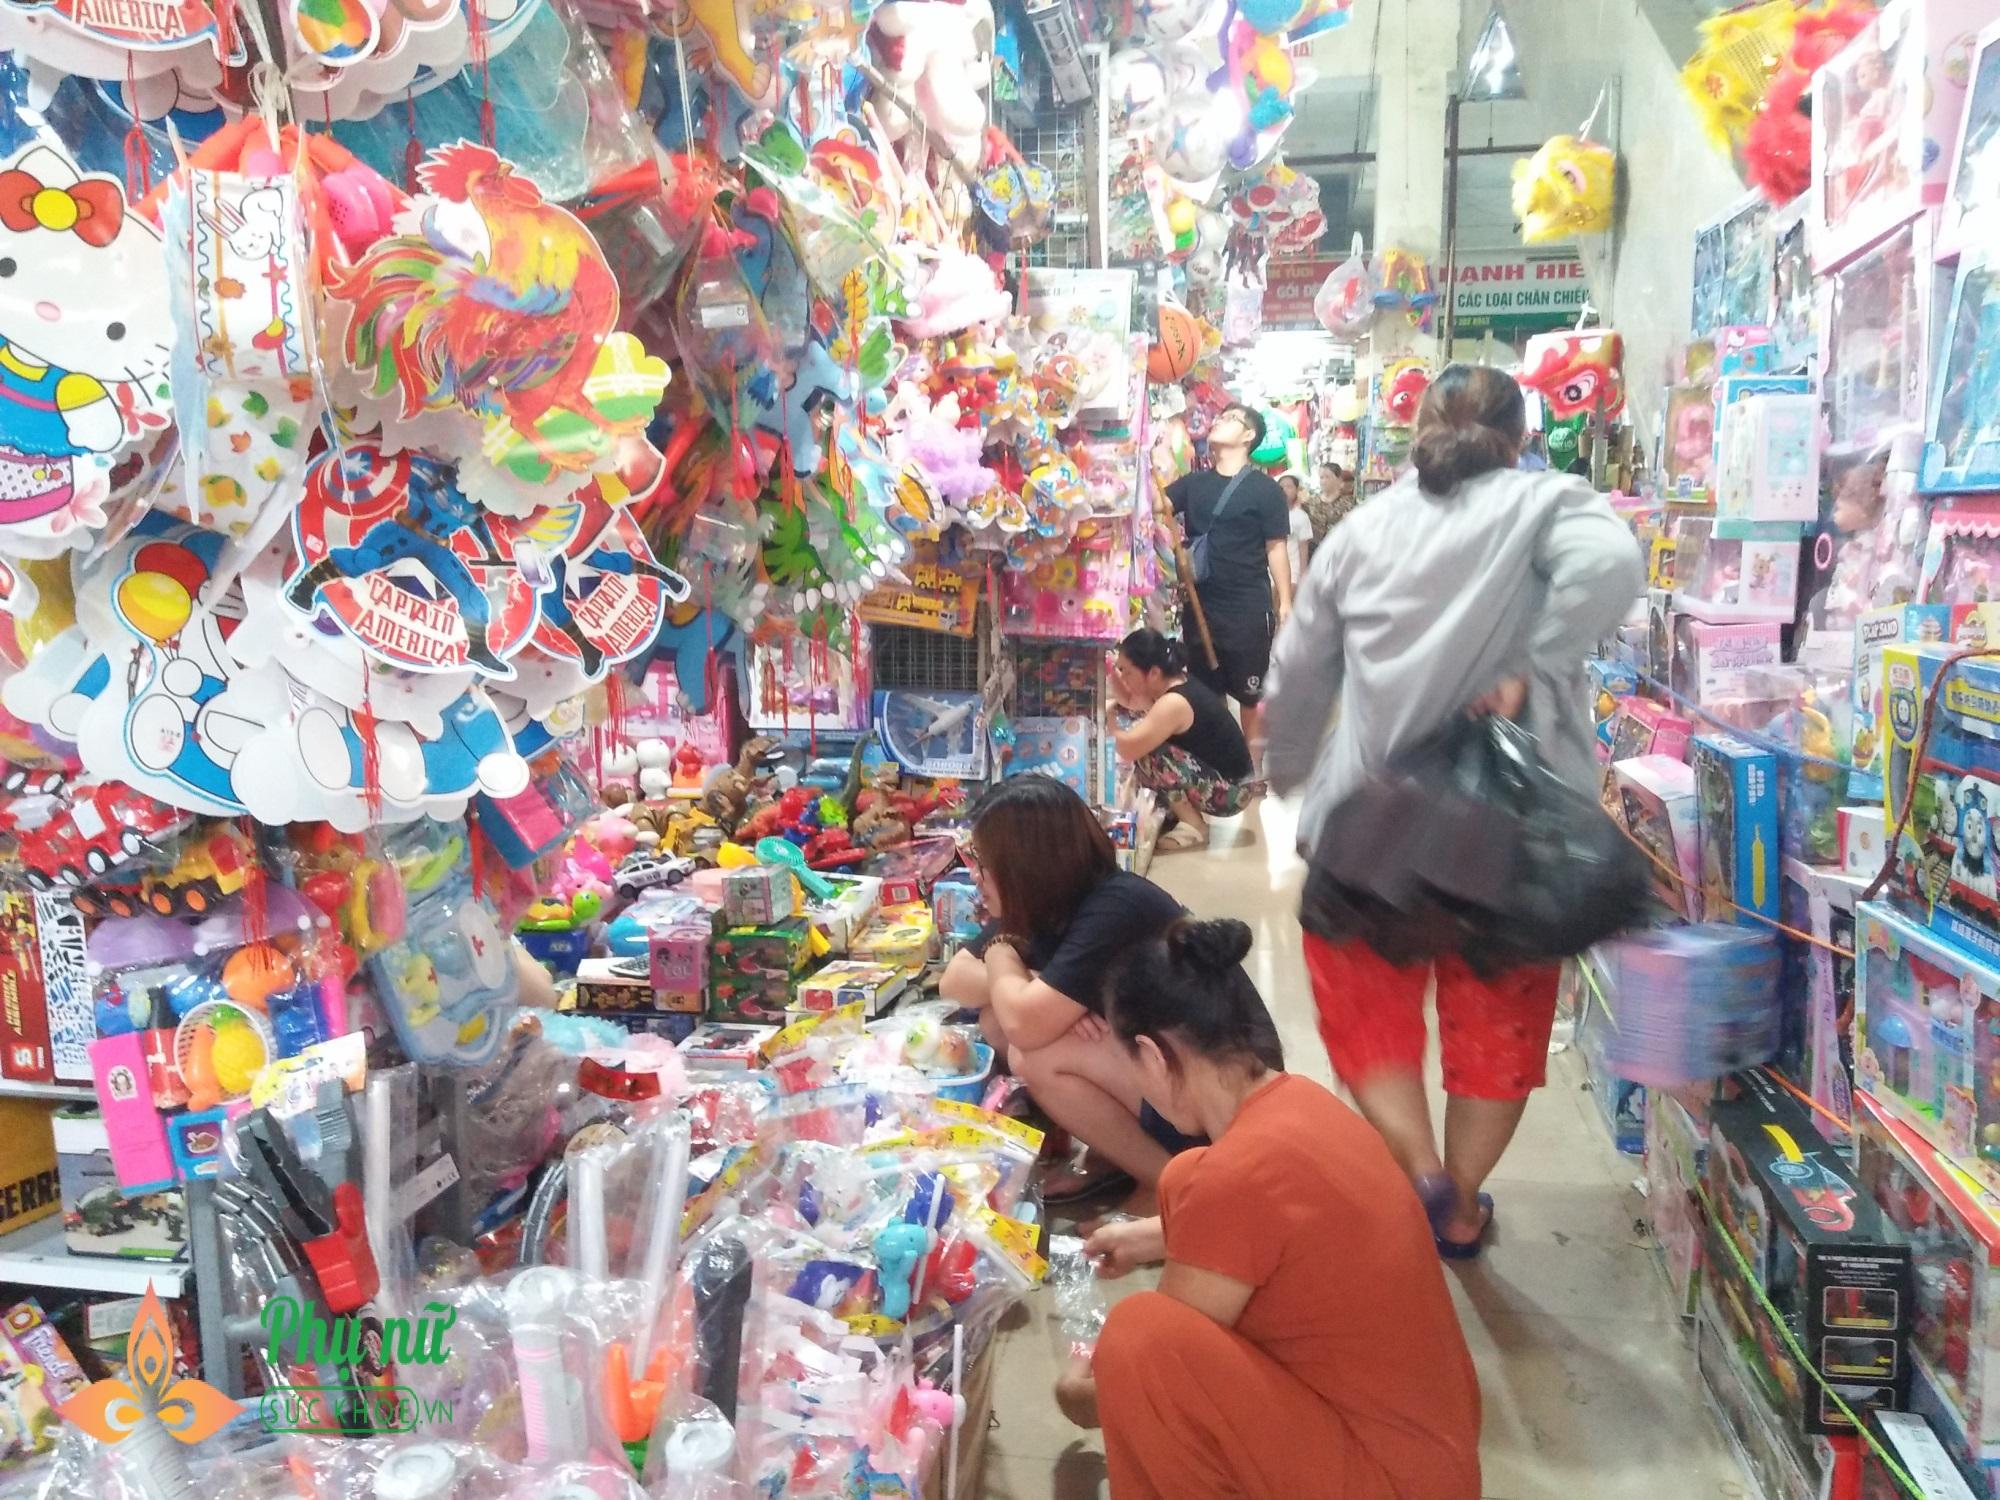 Cha mẹ lo ngại khi mặt nạ lông lá, rùng rợn bán nhan nhản chợ đồ chơi Trung thu - Ảnh 1